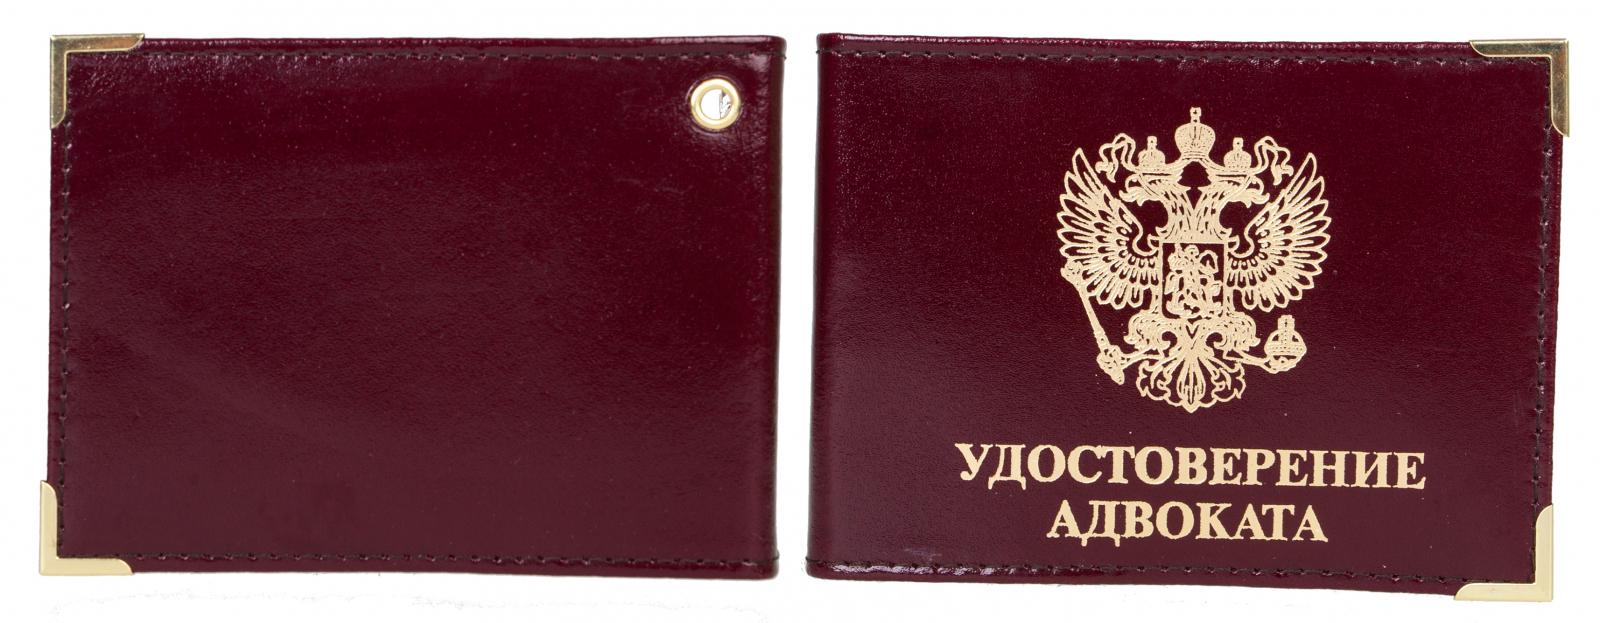 Обложка под удостоверение